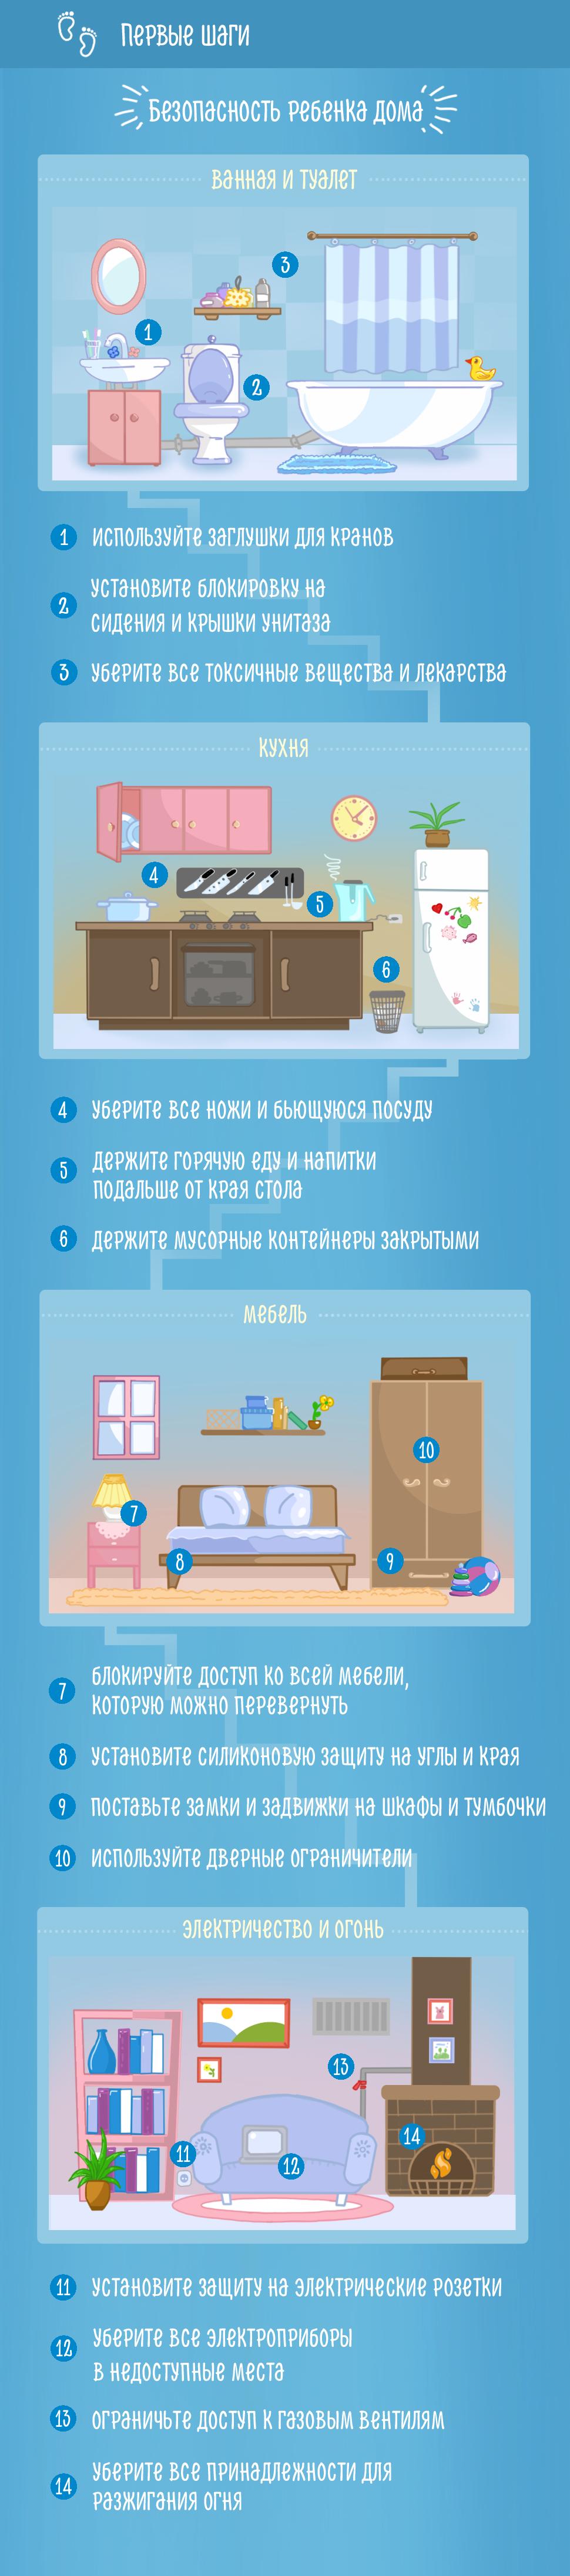 Как подготовить дом к рождению малыша